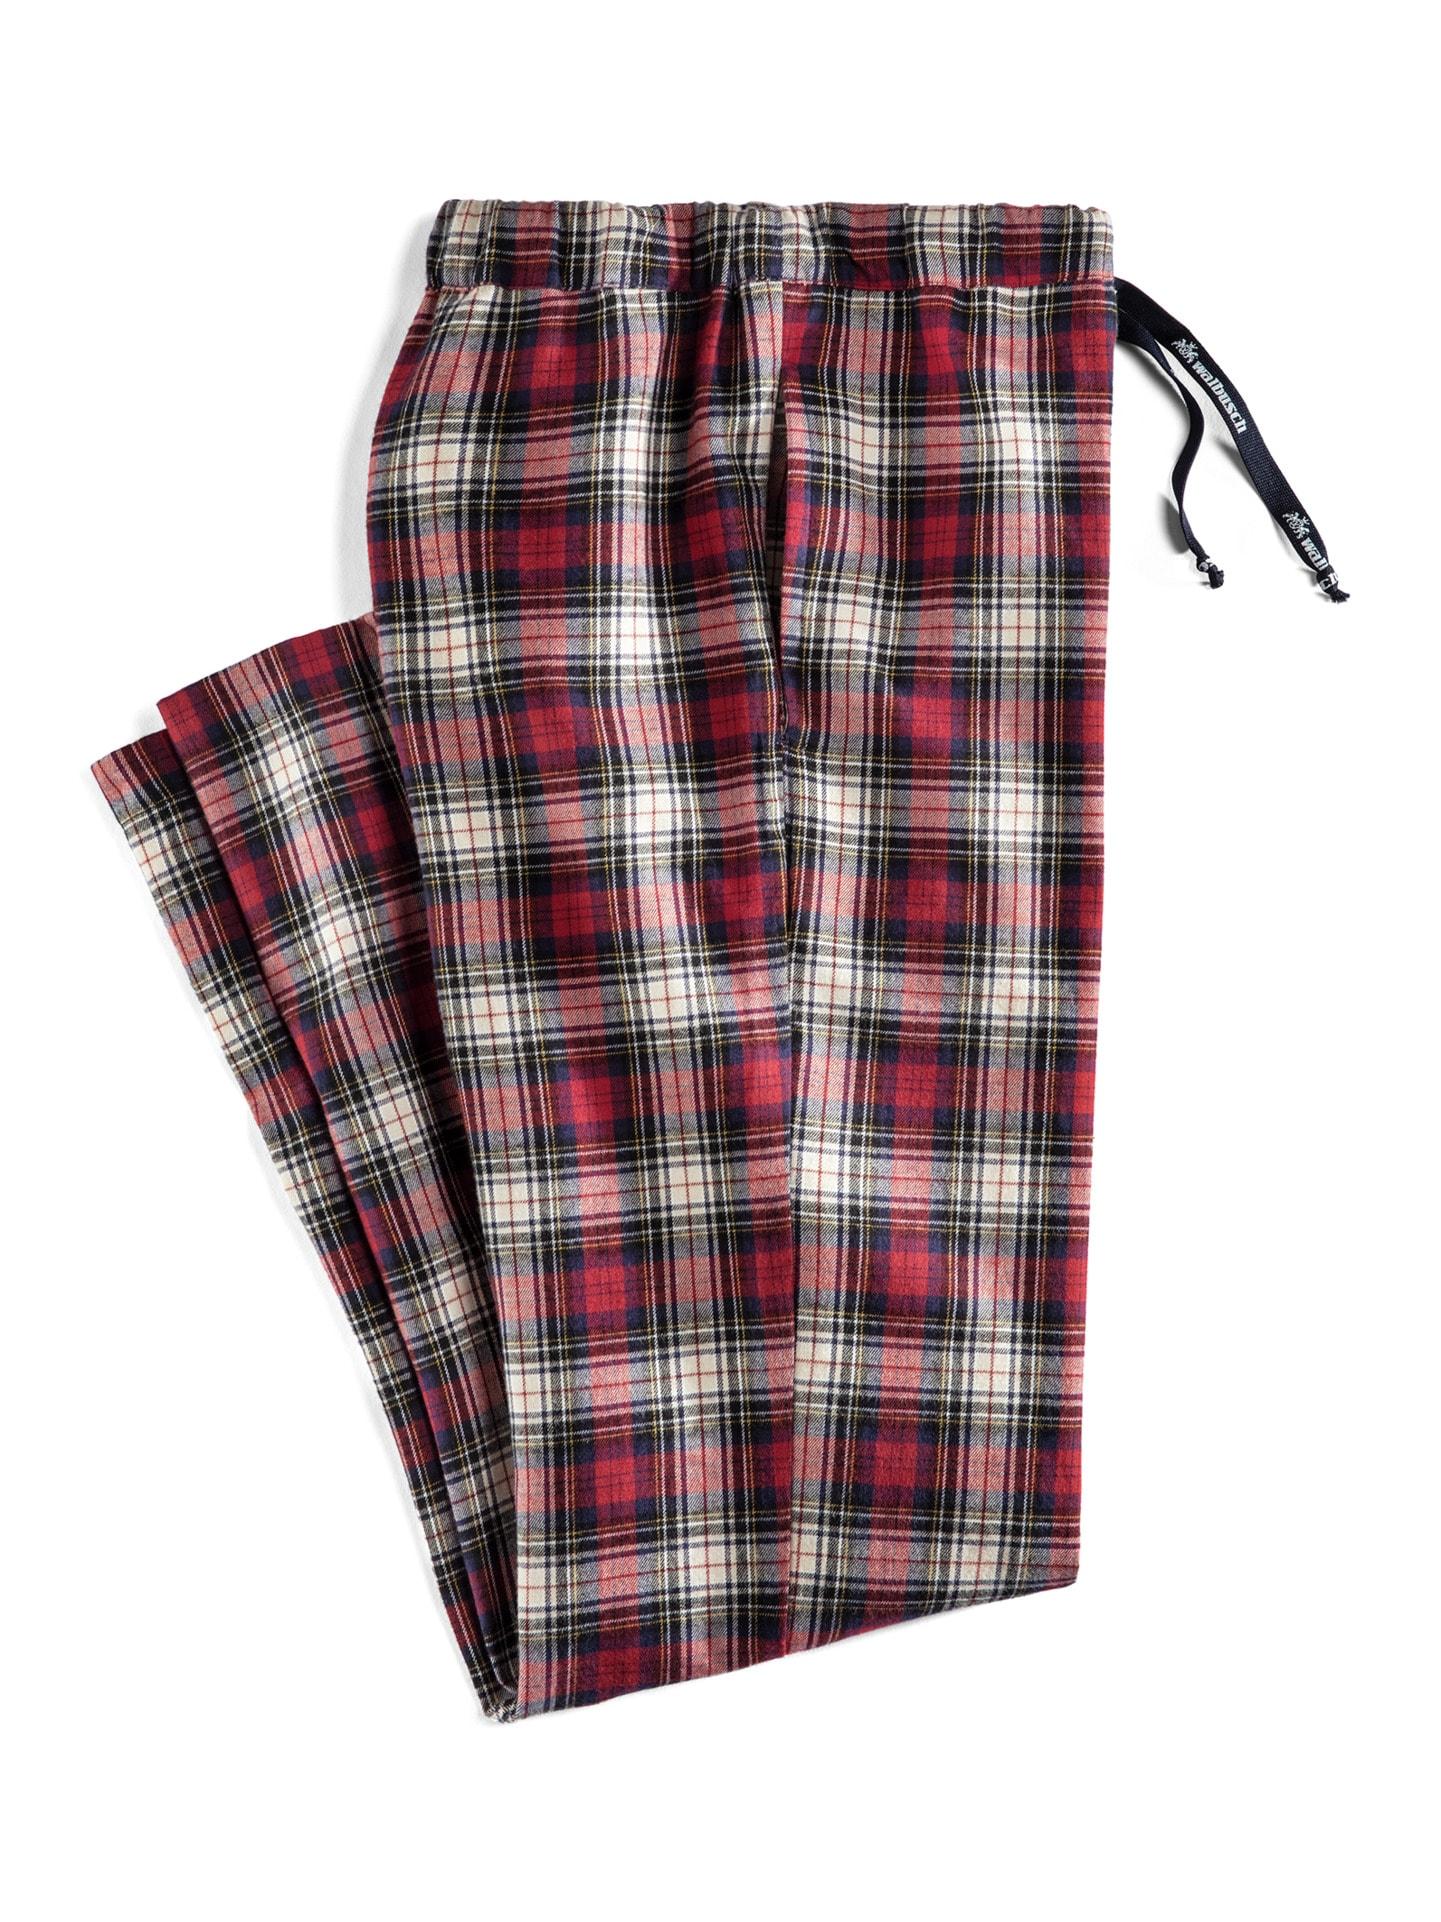 Walbusch Herren Pyjama-Hose Thermo Rot gemustert wärmend 48, 50, 52, 54, 56, 58/60, 62/64 22-1942-4_MV47687